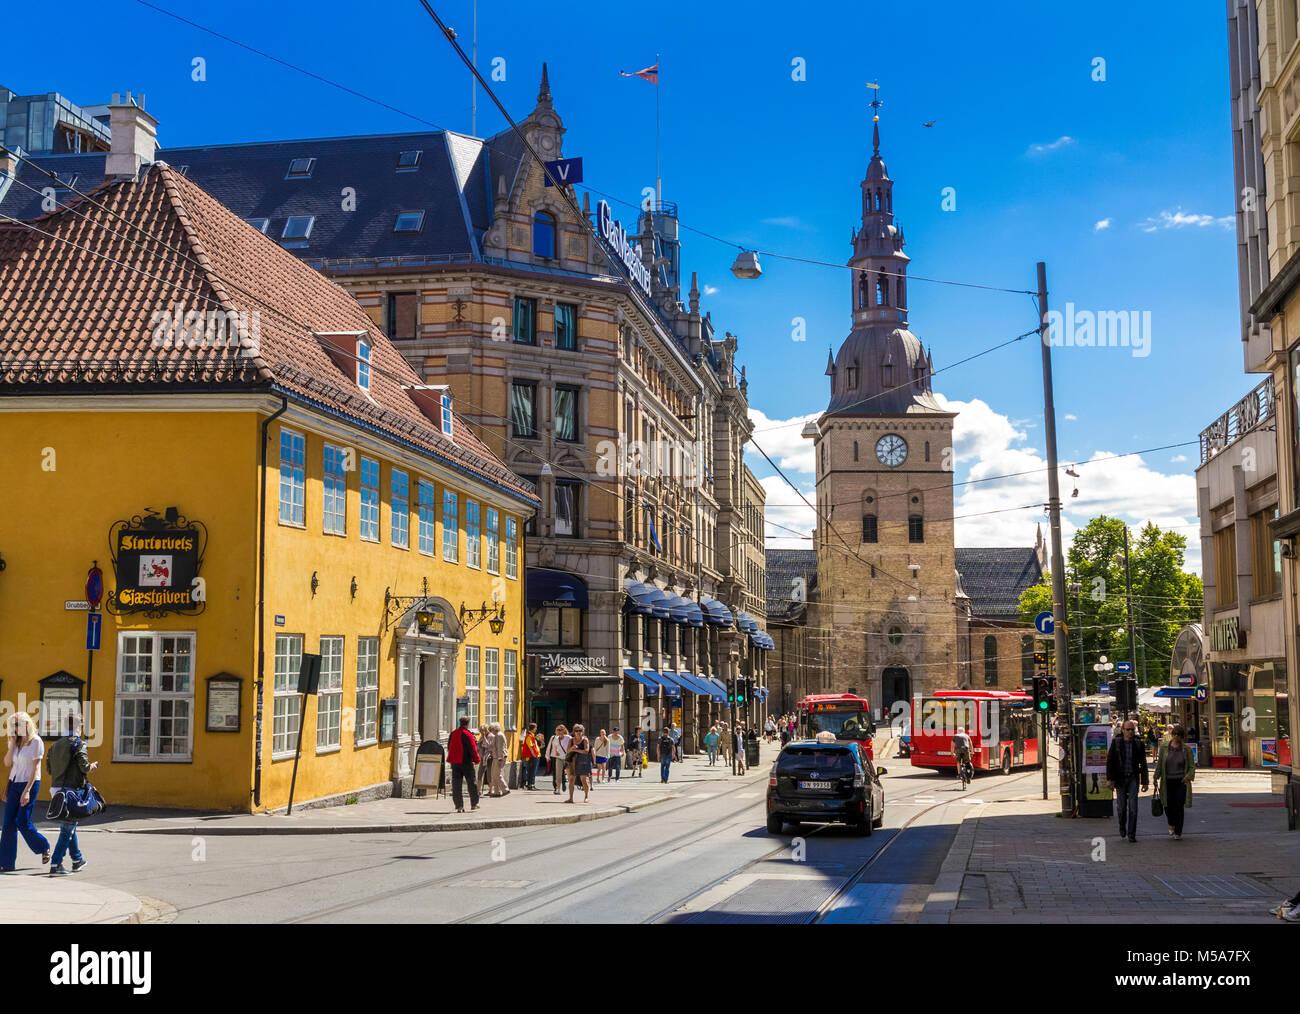 Stortorvet Square in Oslo city, Norway in summer - Stock Image